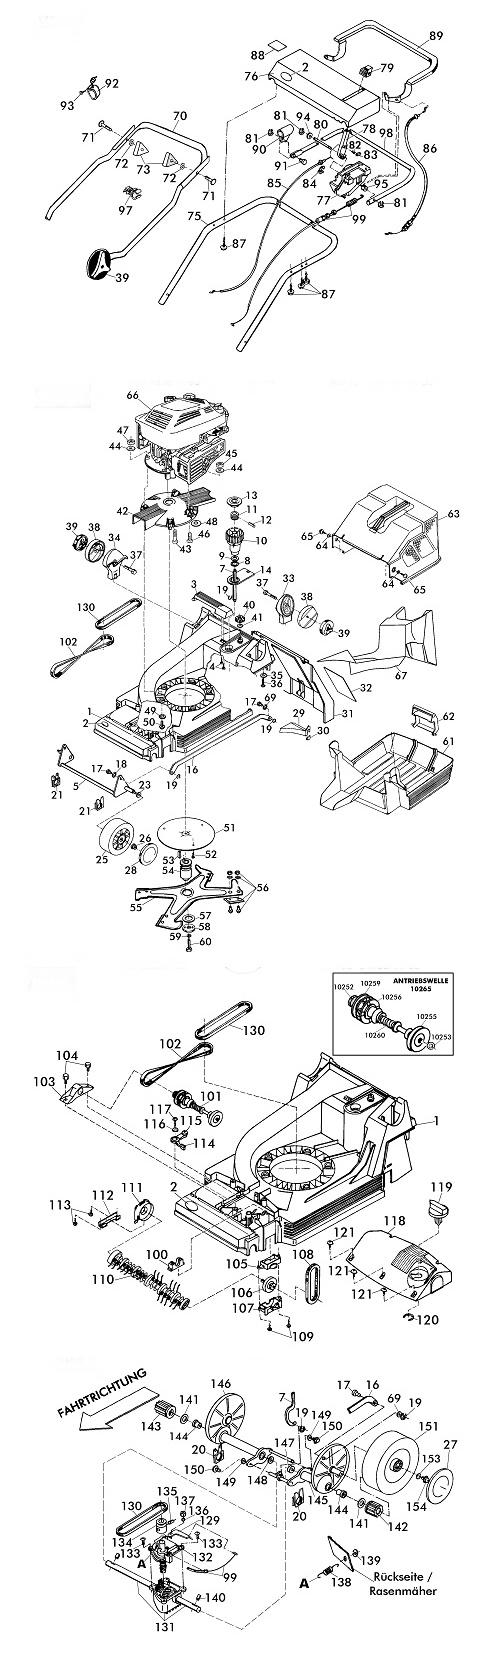 ersatzteile f r brill 40 bhr mulchcut gartenartikel g nstig online. Black Bedroom Furniture Sets. Home Design Ideas